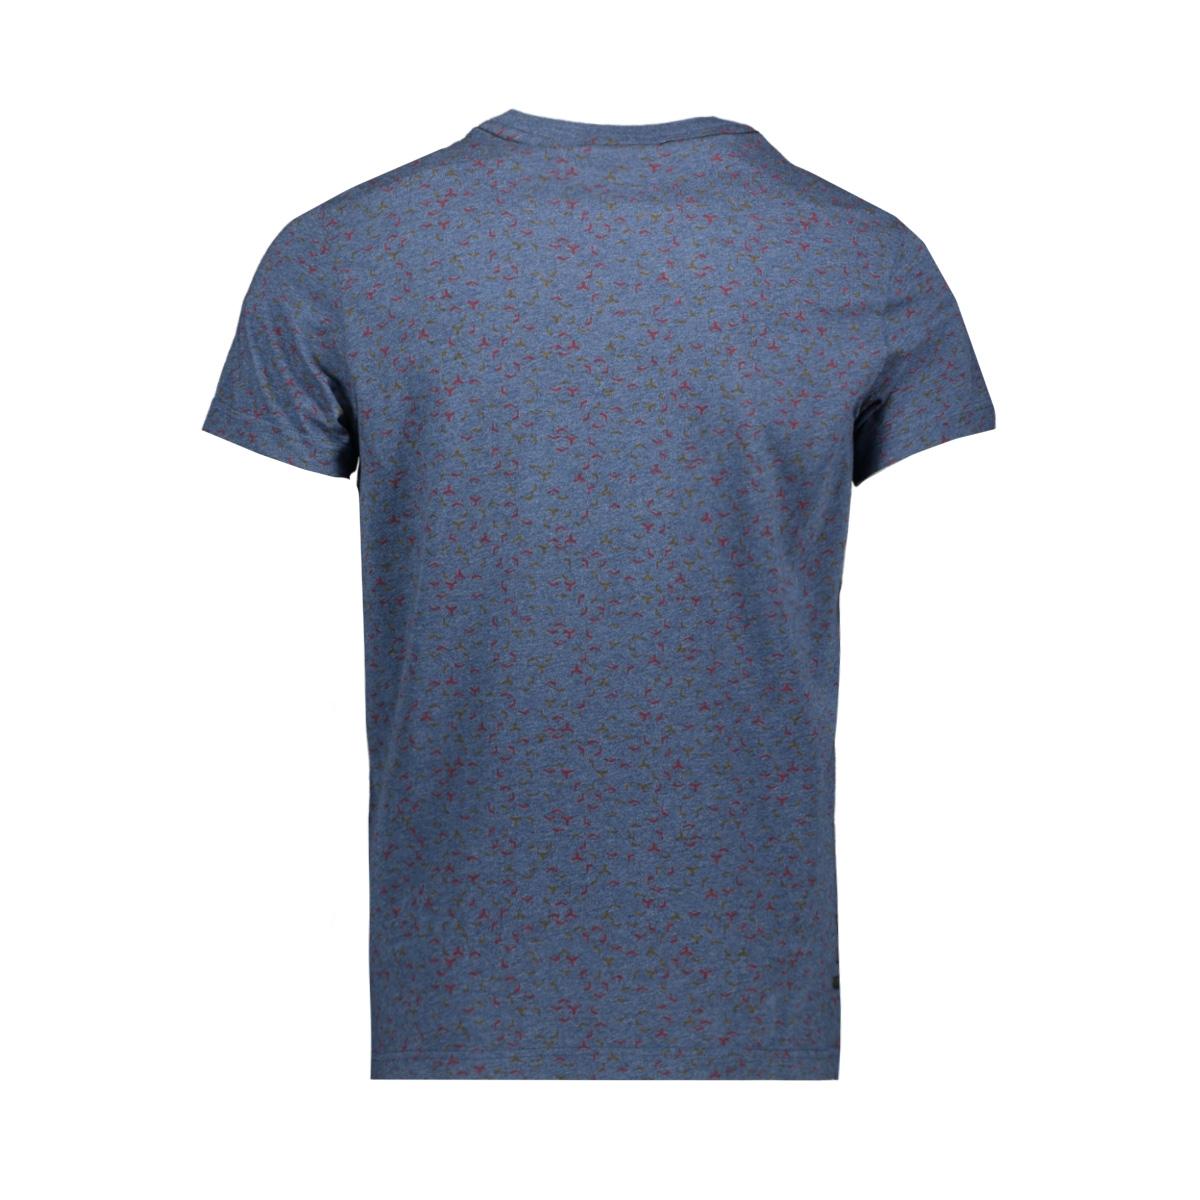 shortsleeve t shirt ptss195562 pme legend t-shirt 5281